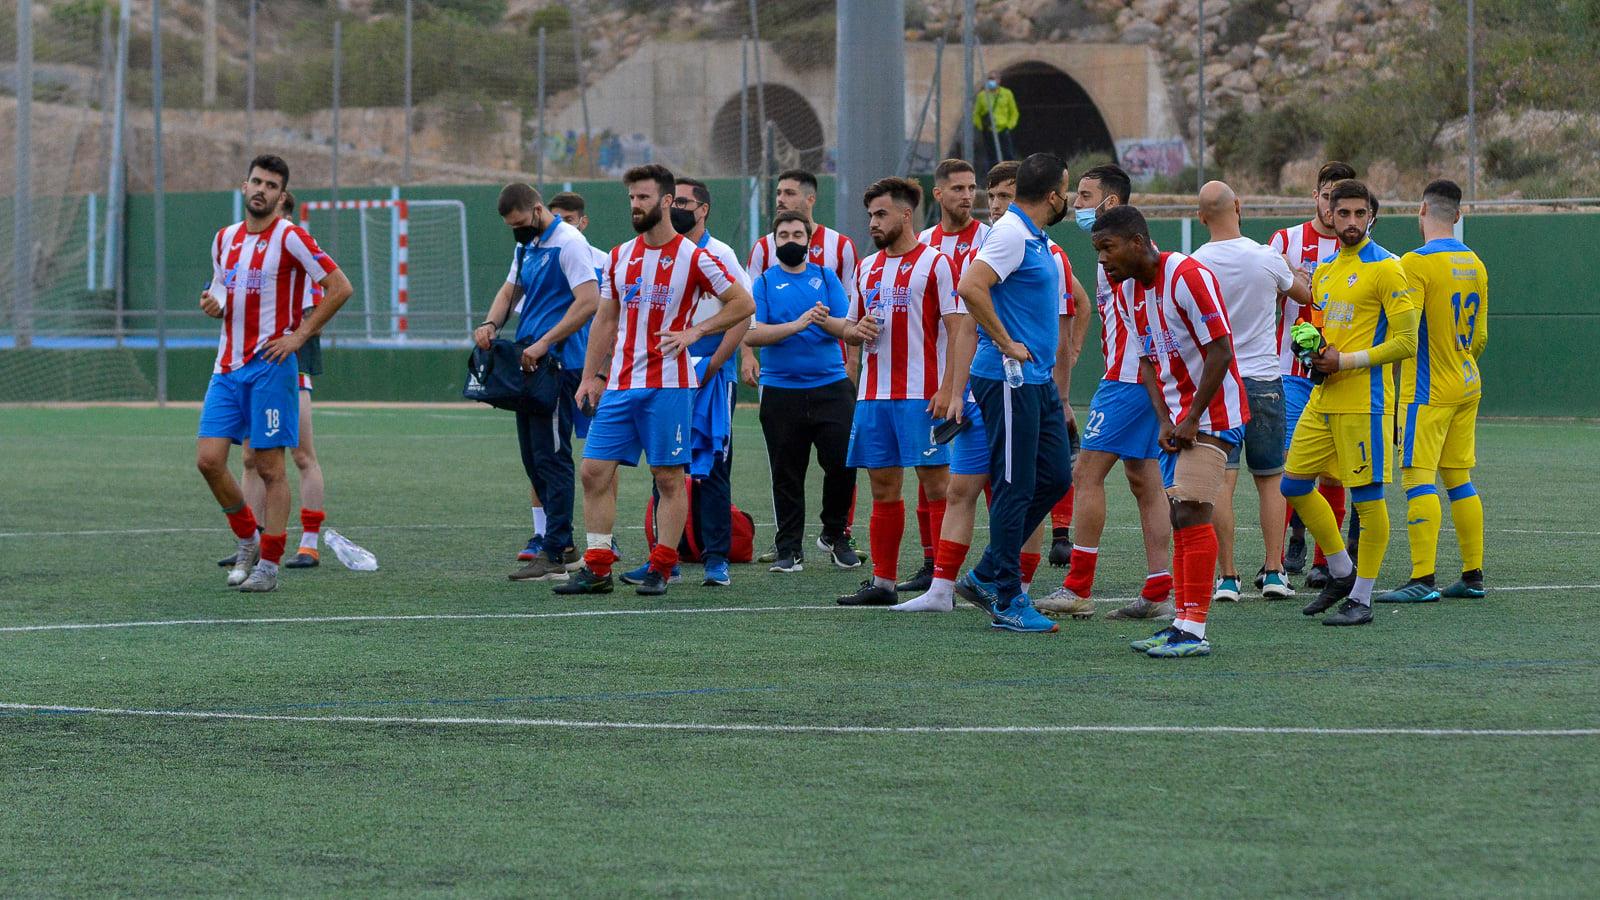 Poli Almería vs CD Estepona FS 2